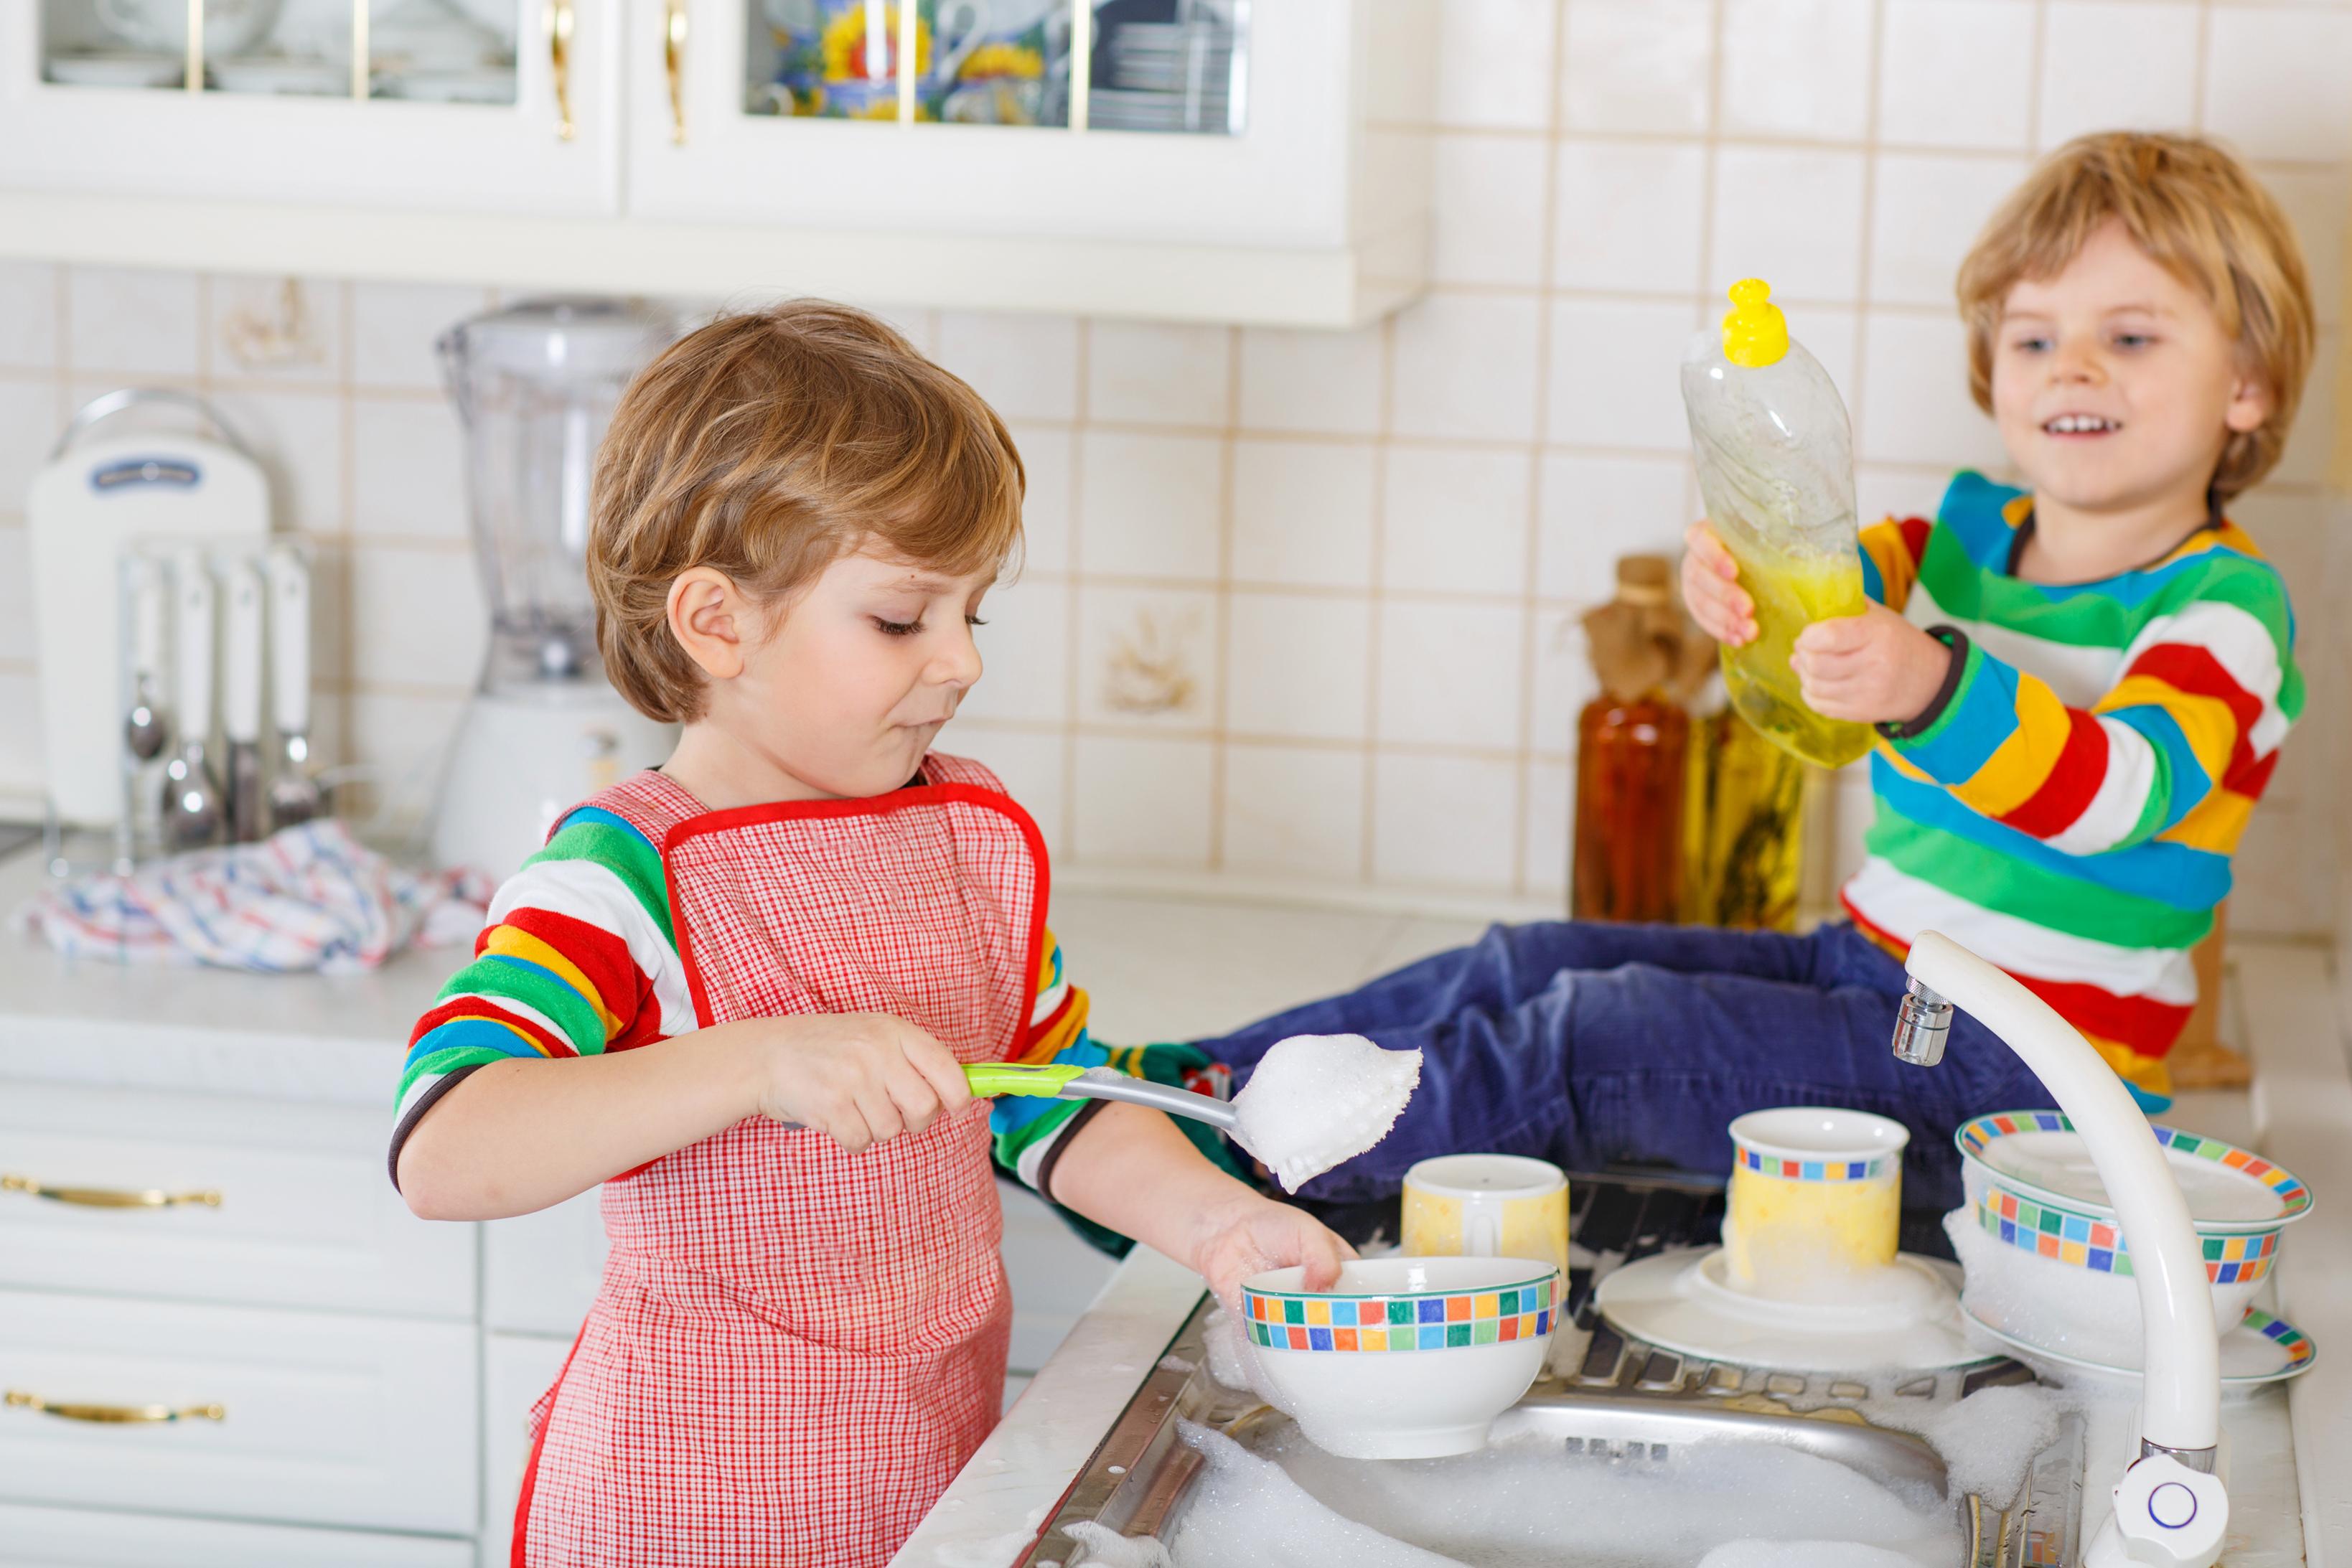 <p>Не се стремете и не очаквайте от децата си&nbsp;перфектно подредена&nbsp;стая. Обърнете&nbsp;вниманието им към основните неща, които могат да свършат за не повече от 30-40 мин:&nbsp;да си оправят леглото сутрин, да могат да си сменят чаршафите един път в седмицата, да пускат прахосмукачка в стаята си, да&nbsp;сгъват и прибират дрехите си в шкафовете. Ако нещо не е идеално, не им правете забележки, защото това по-скоро би ги отбъснало&nbsp;повече от чистенето, ако не го харесват.</p>